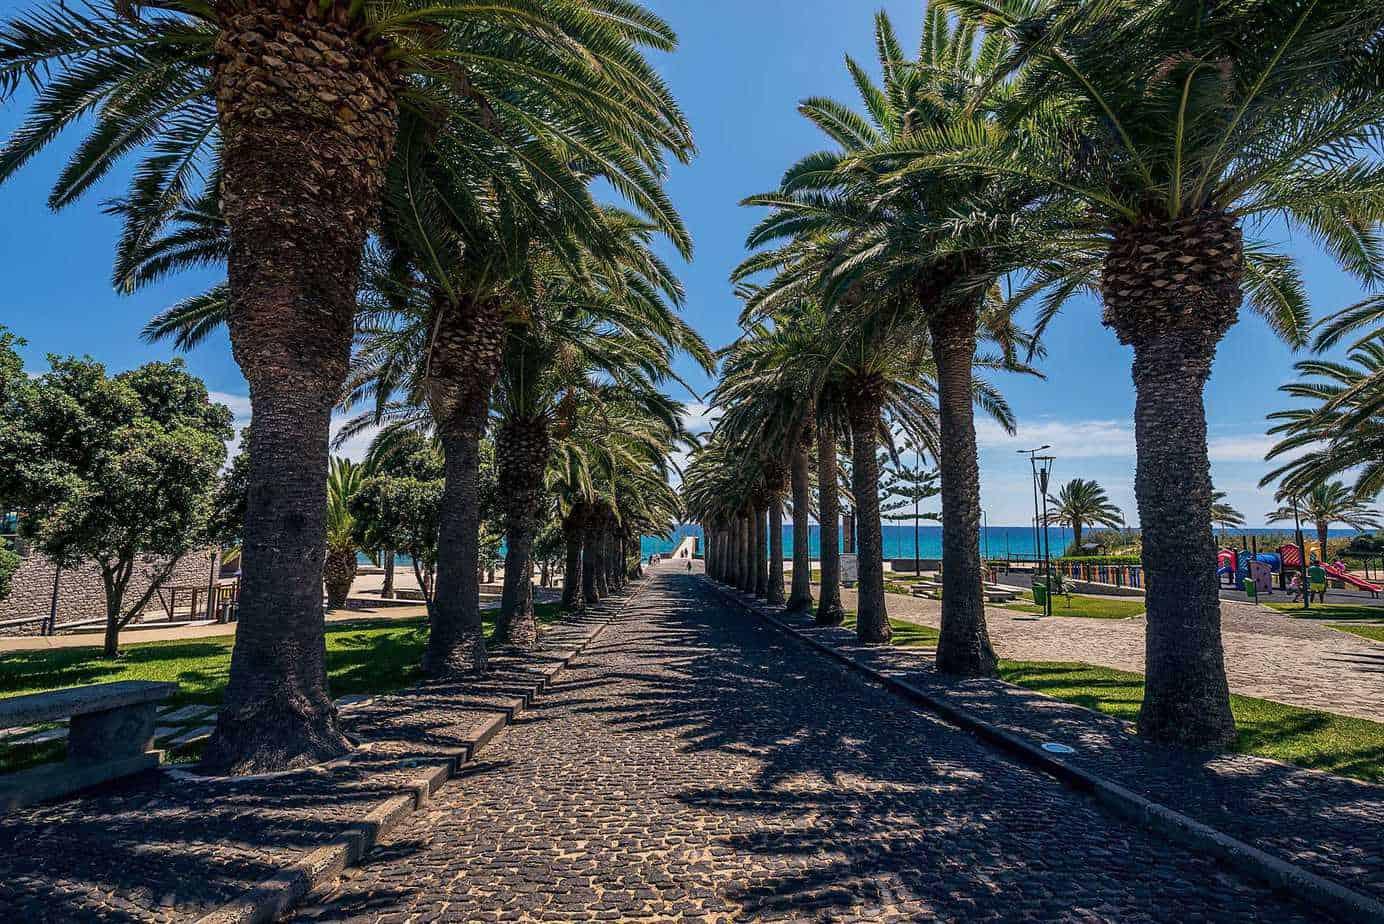 Promenade Vila Baleira